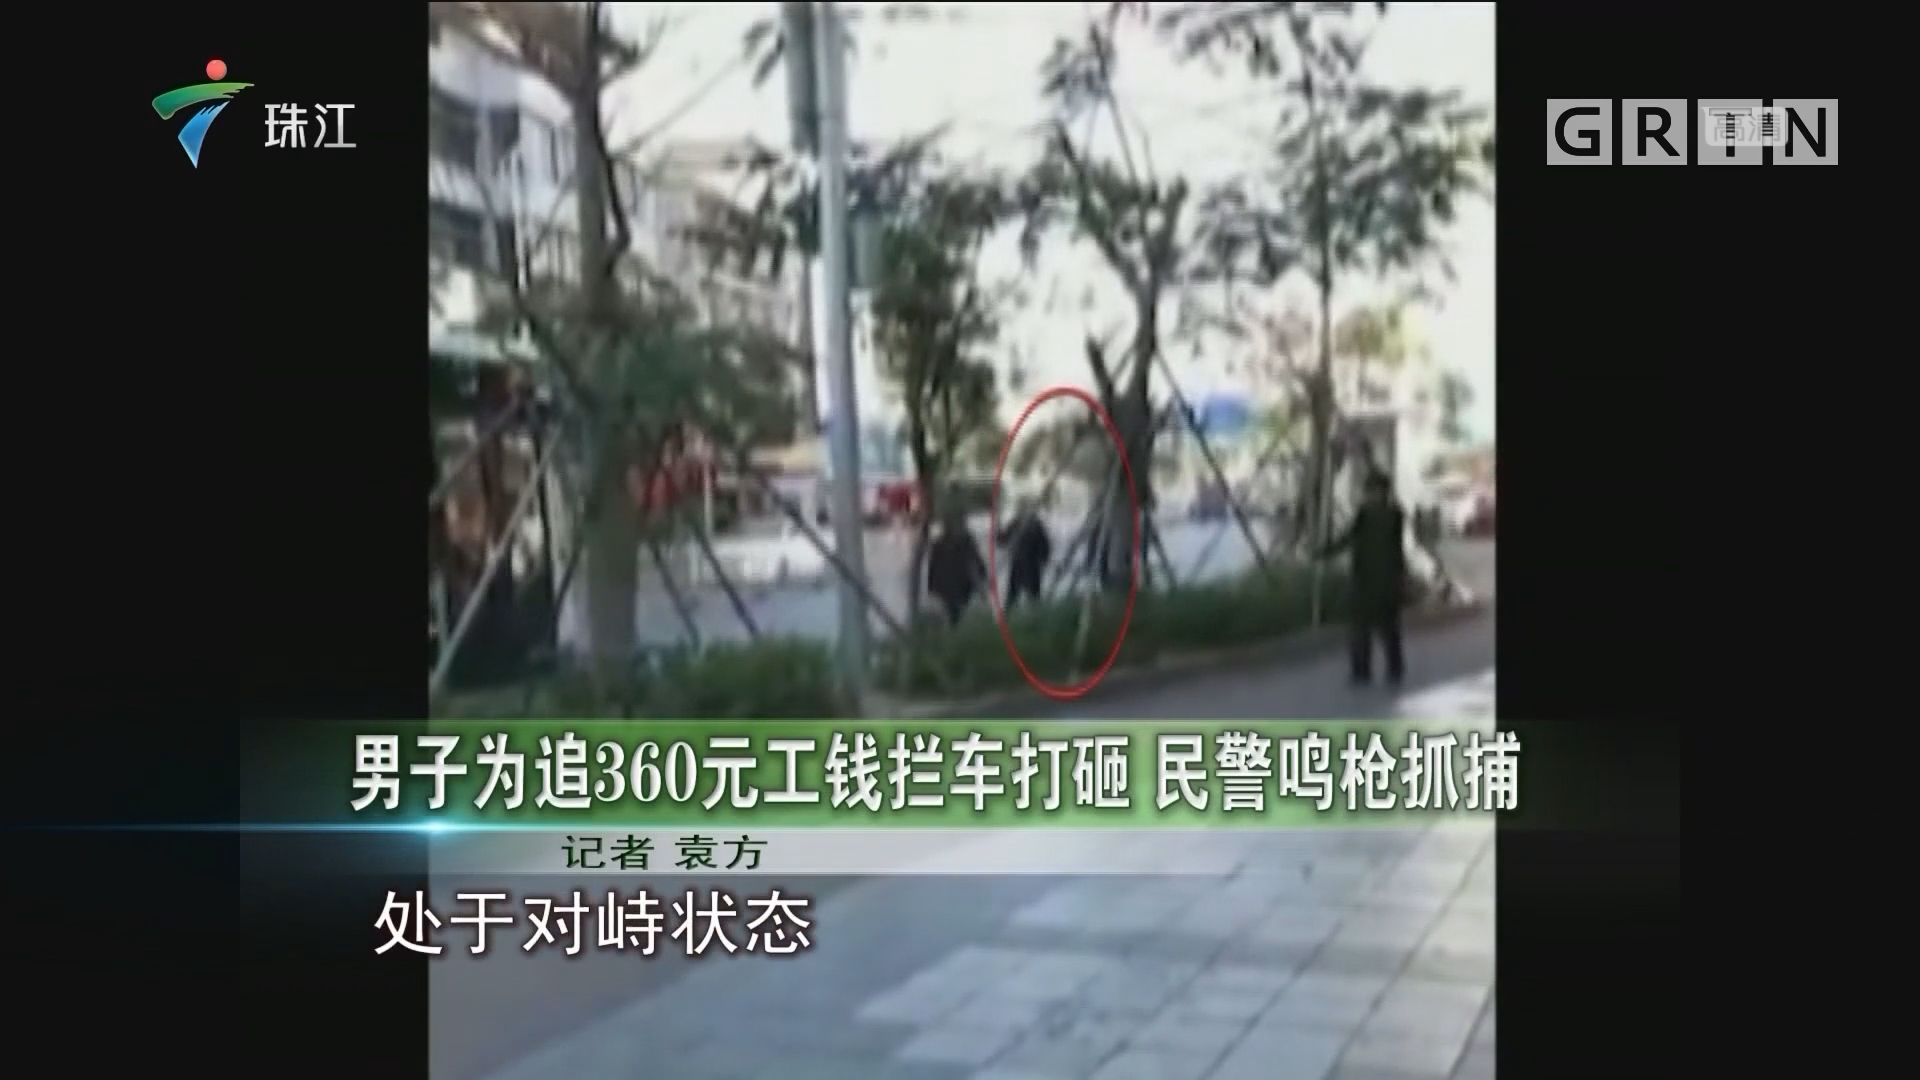 男子为追360元工钱拦车打砸 民警鸣枪抓捕